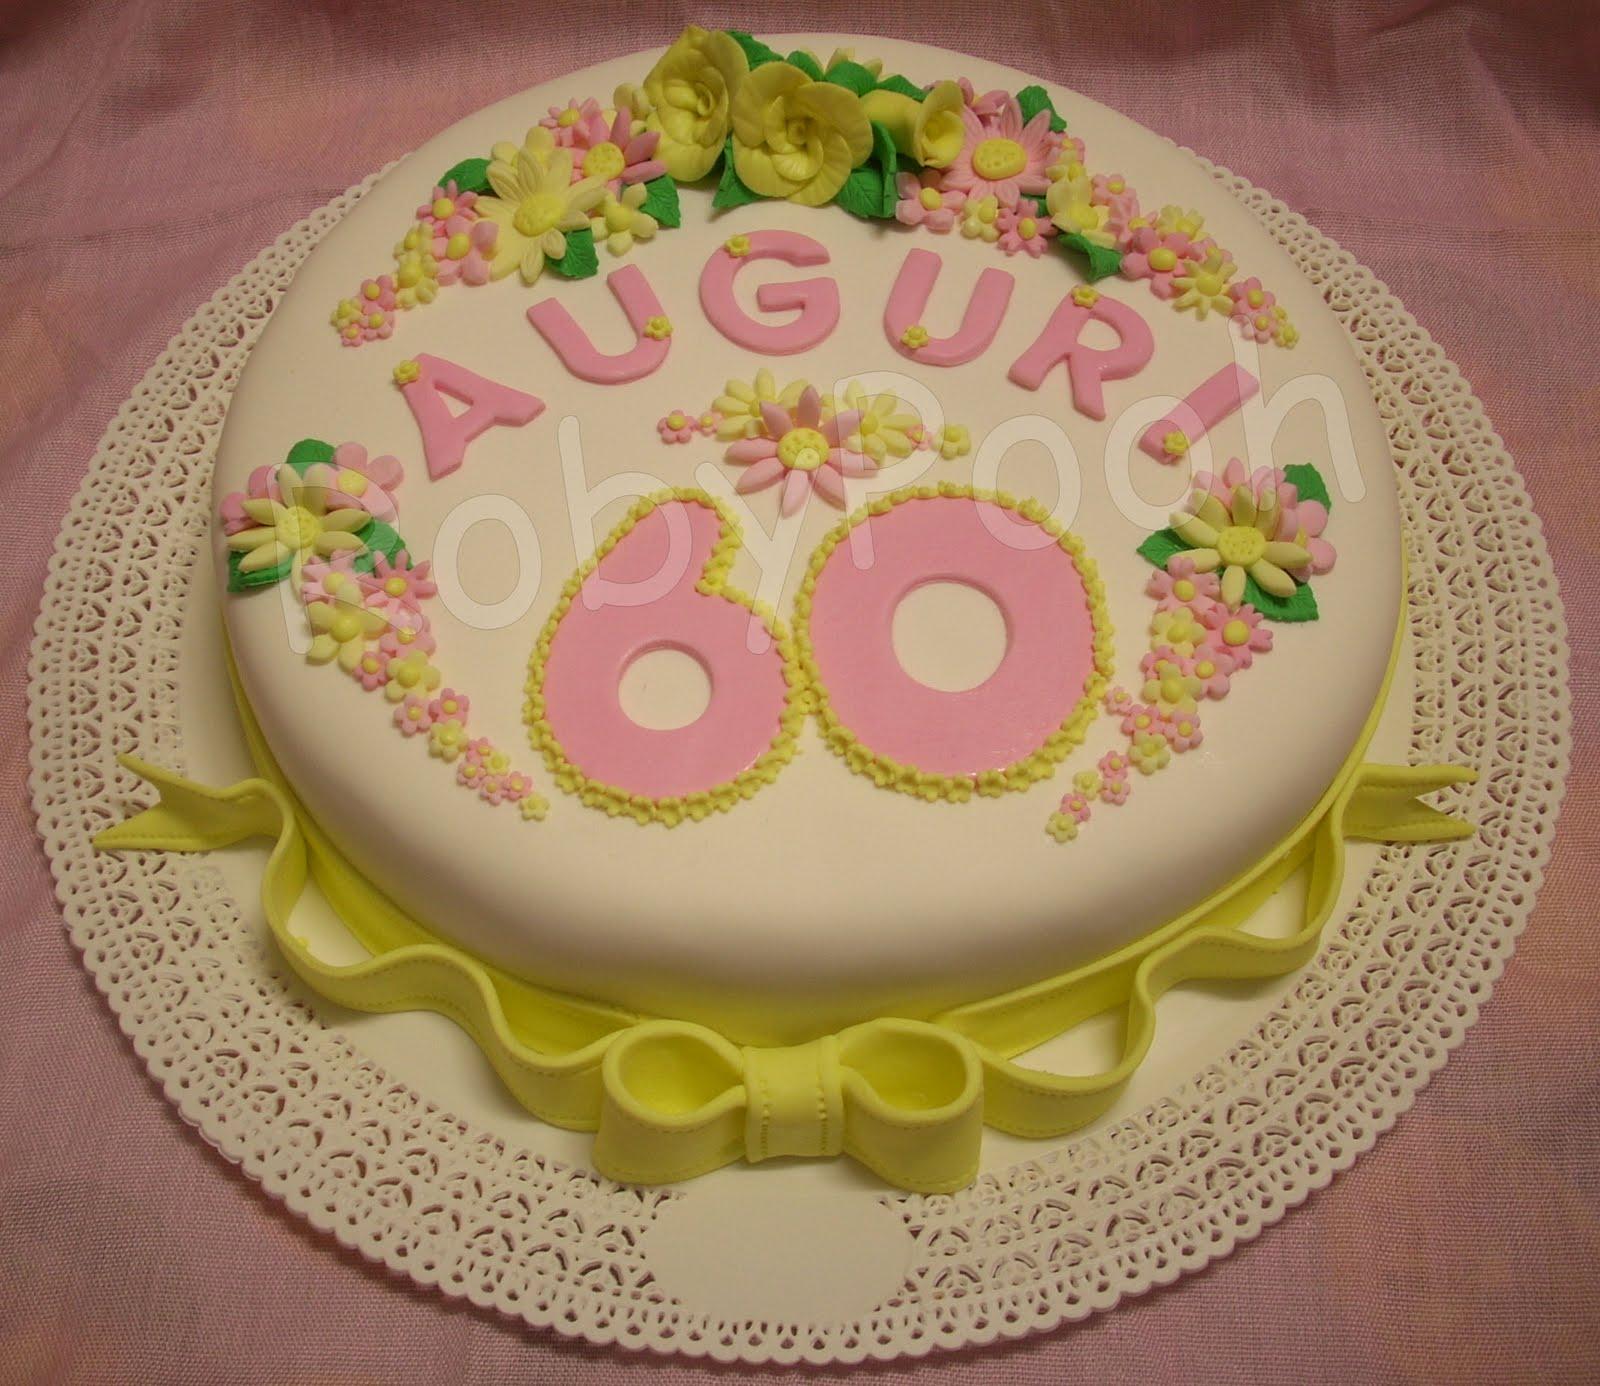 Fiori 60 Anni.Dolci Delizie Torta Fiocco E Fiori Per 60anni